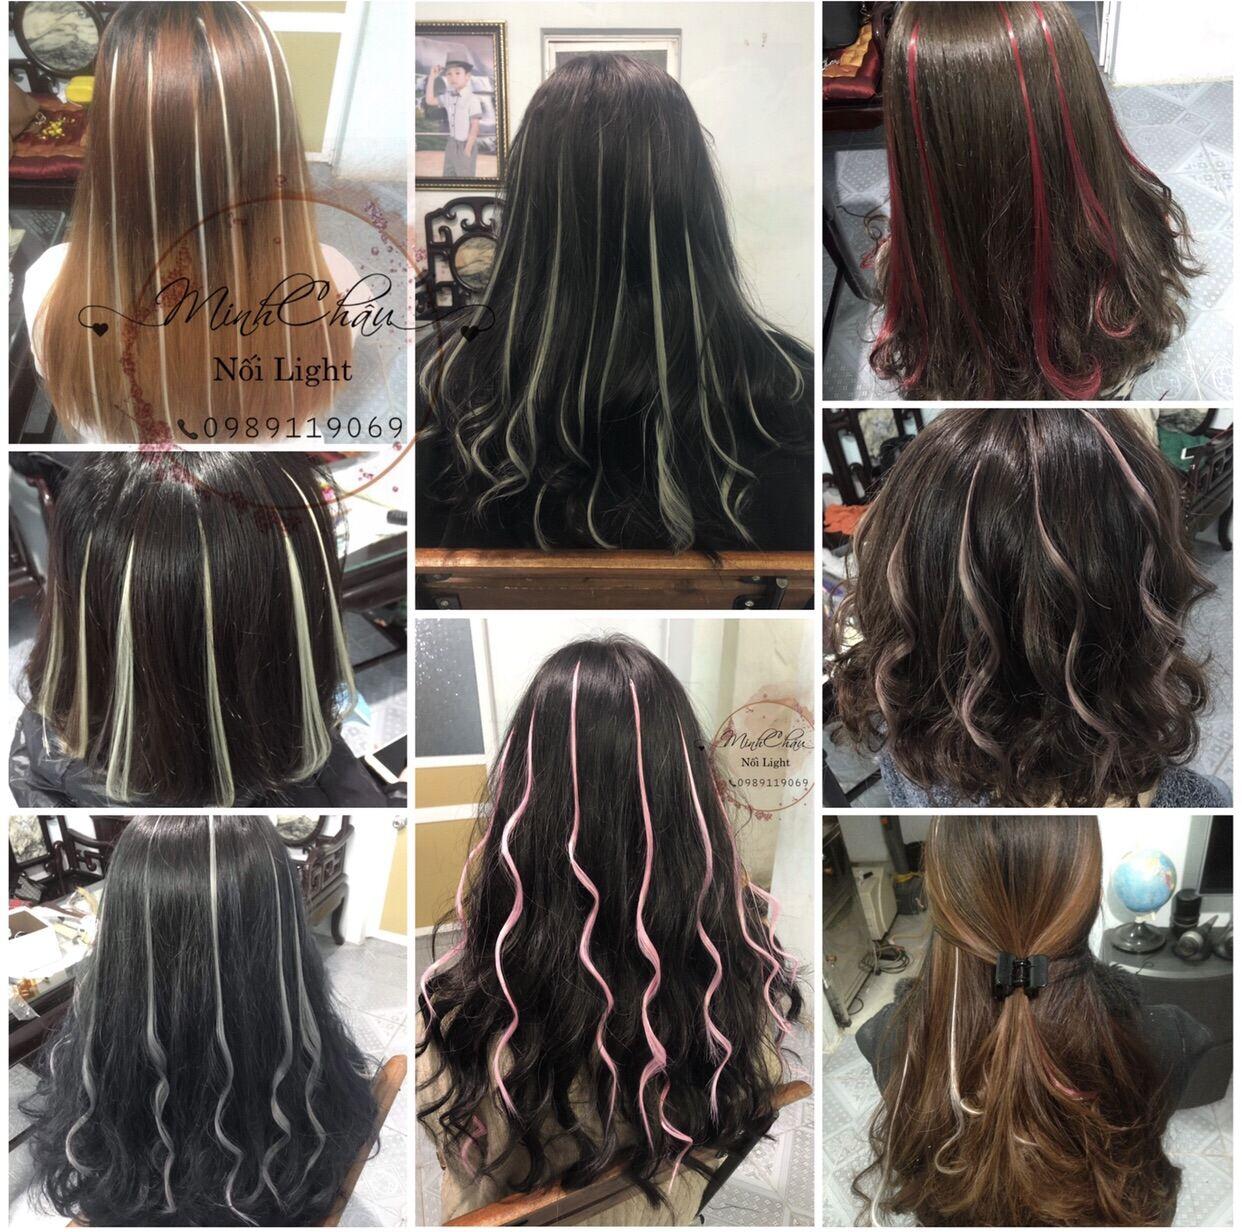 [MUA 2 TẶNG 1 MUA 4 TẶNG 2] TÓC LIGHT NỐI GIÁ RẺ (1 lọn) chất liệu tơ nhân tạo giống tóc thật 98%